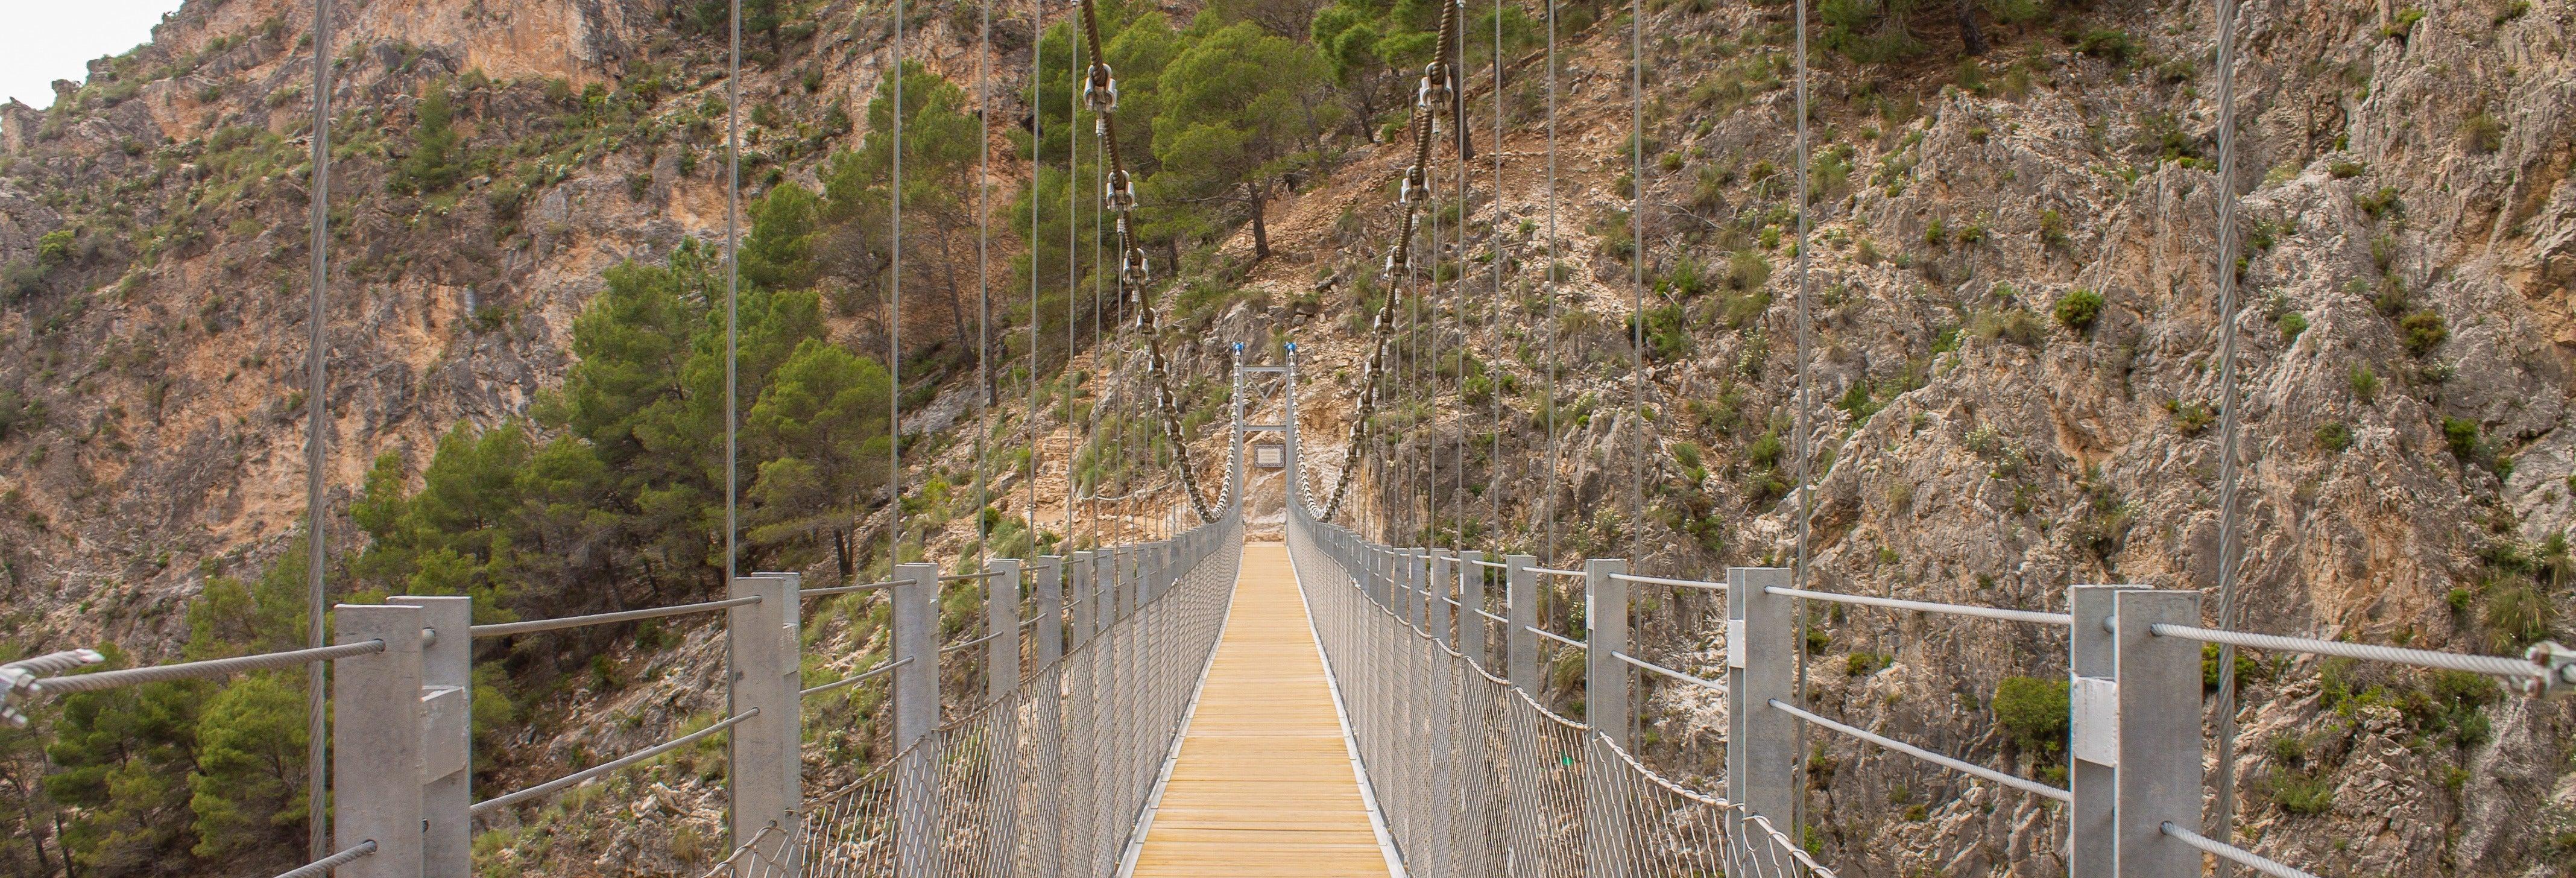 El Saltillo Gorge & White Village Hiking Tour